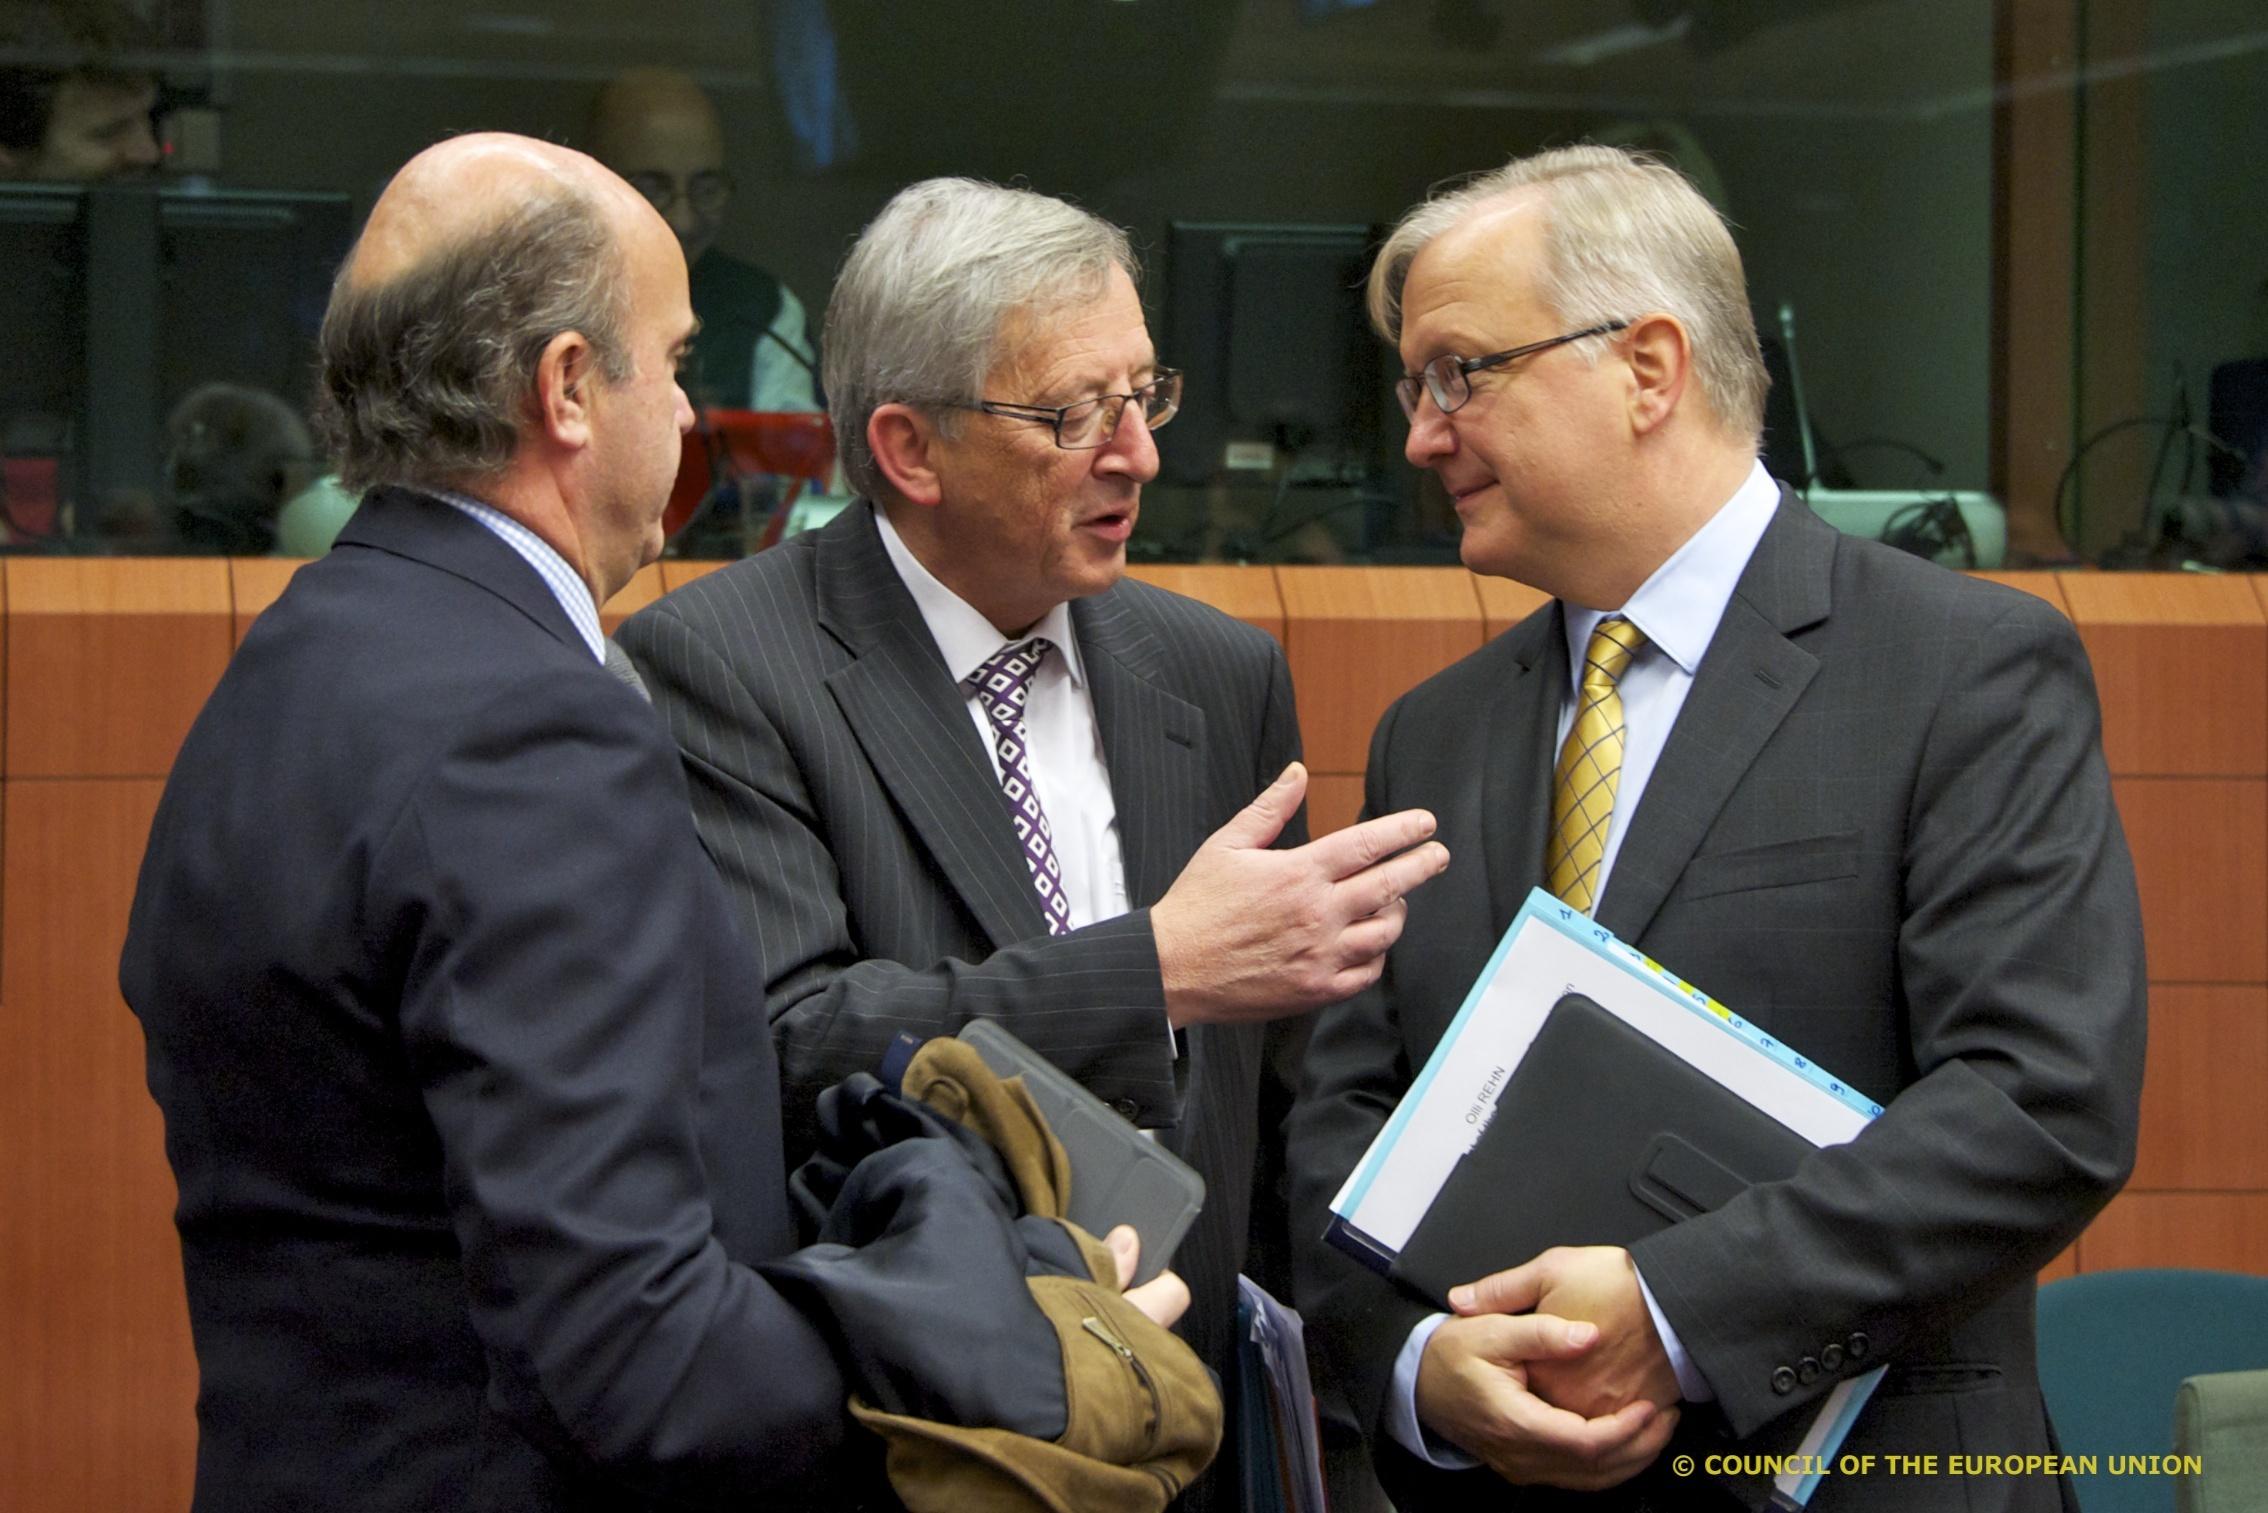 Το επίσημο ανακοινωθέν του Eurogroup: Μπράβο, κάνατε ό,τι ζητήσαμε…